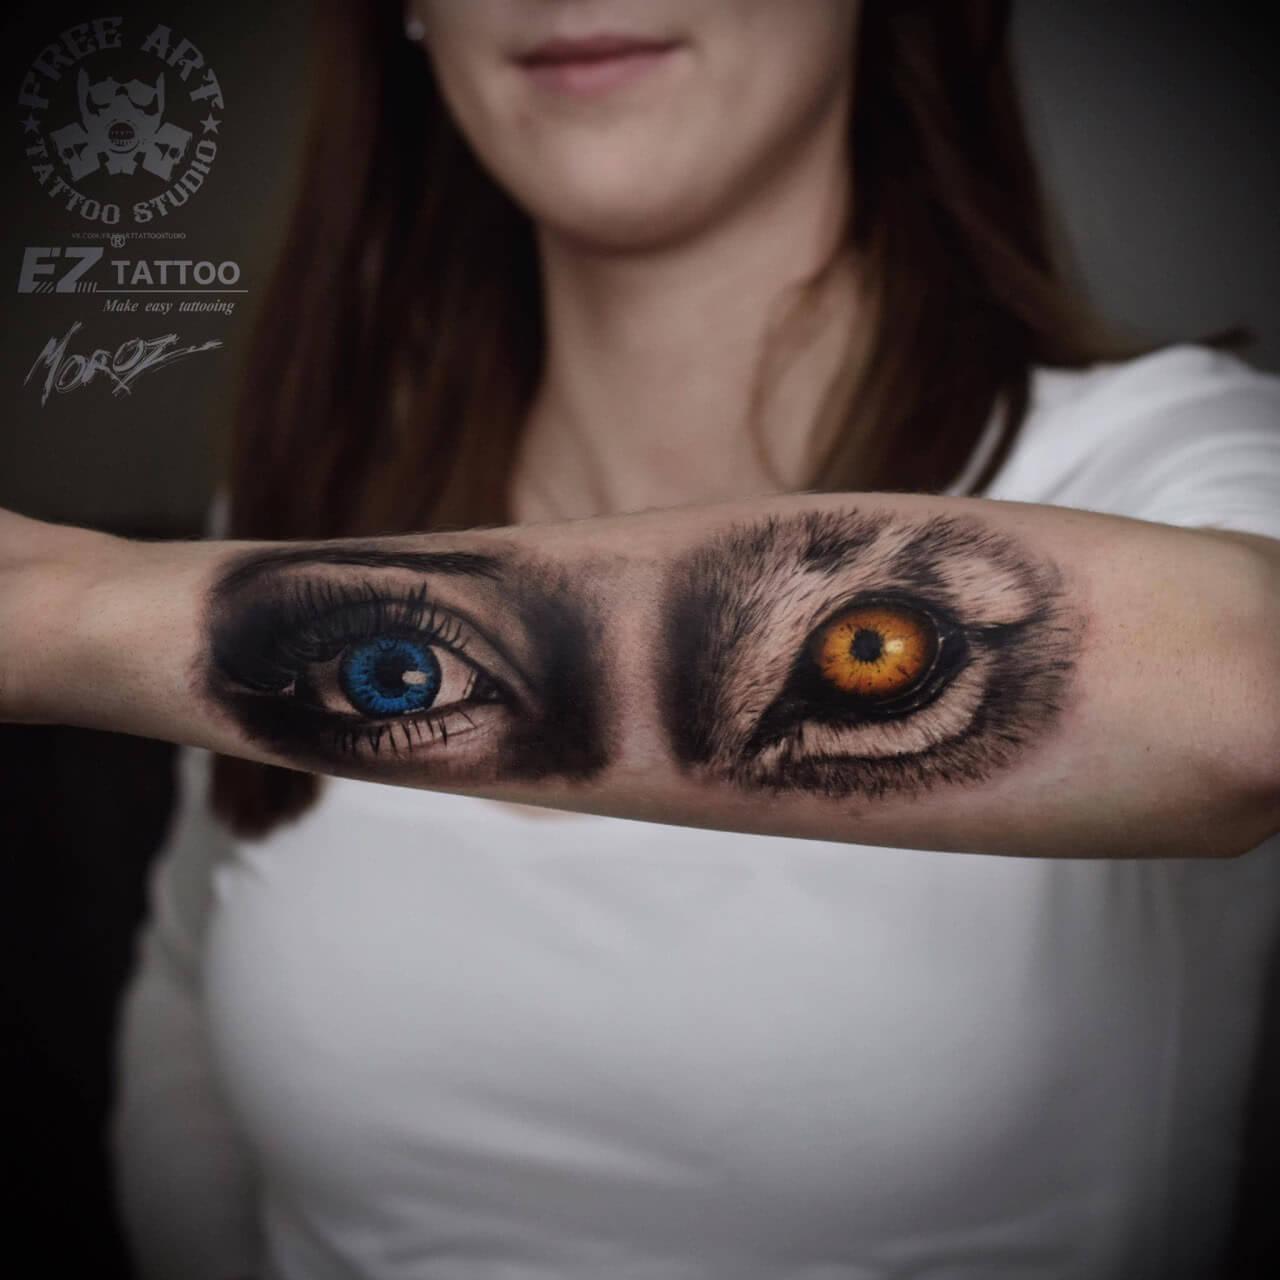 Tattoo Realistische Augen Mensch und Wolf